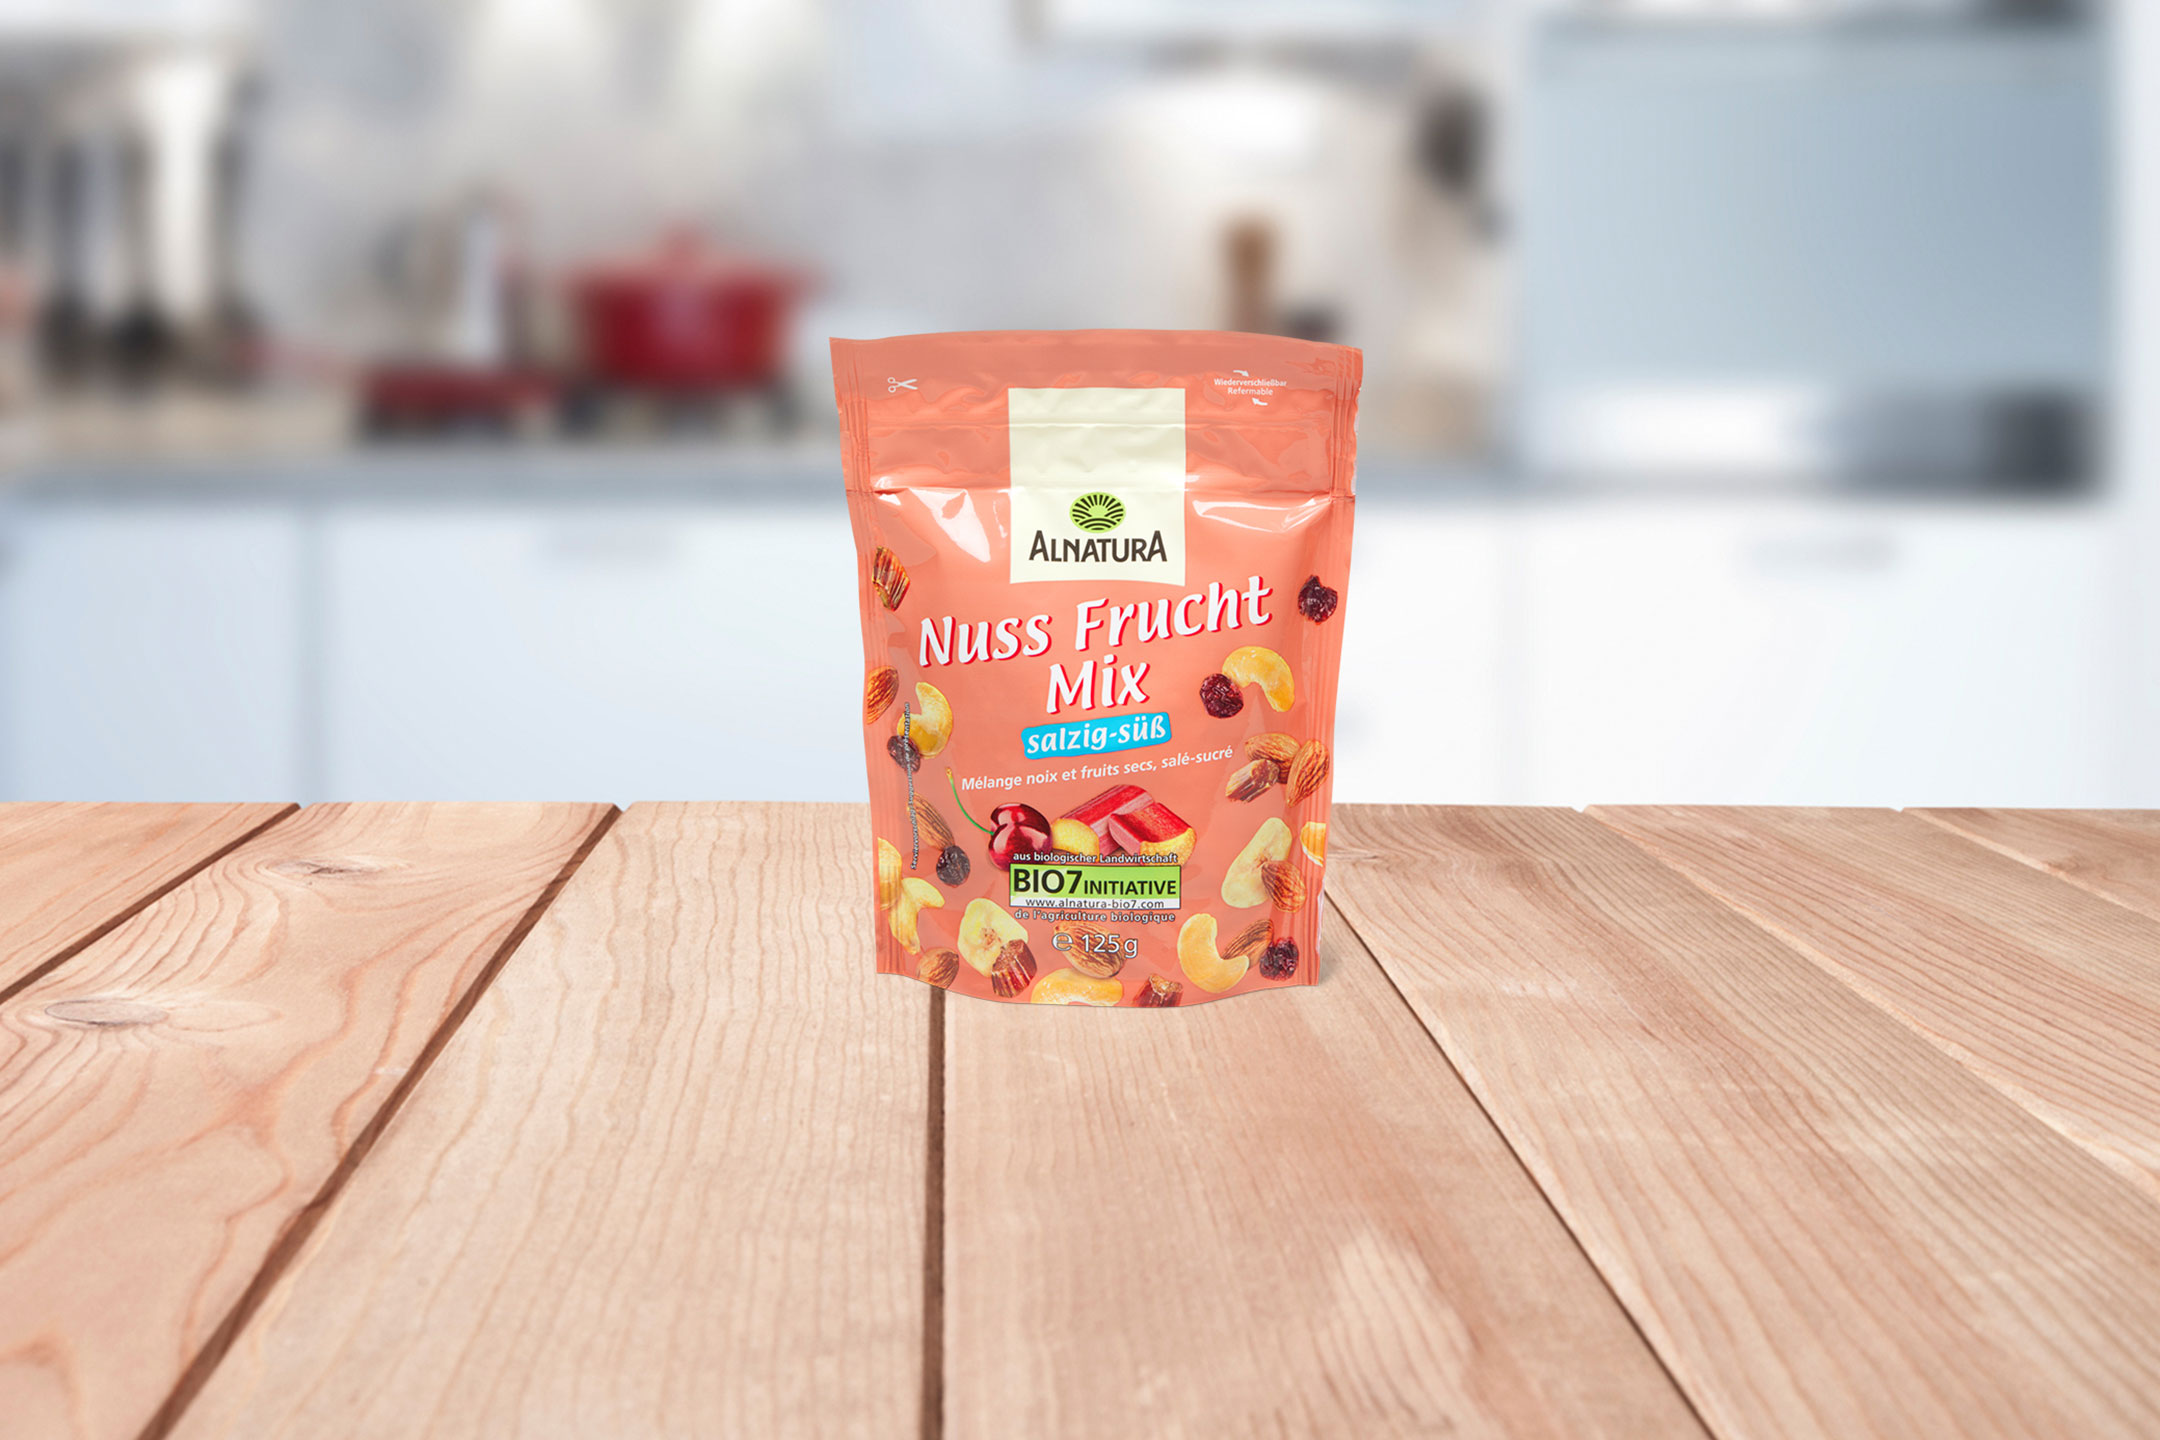 Tester gratuitement le mélange de fruits et de noix Alnatura